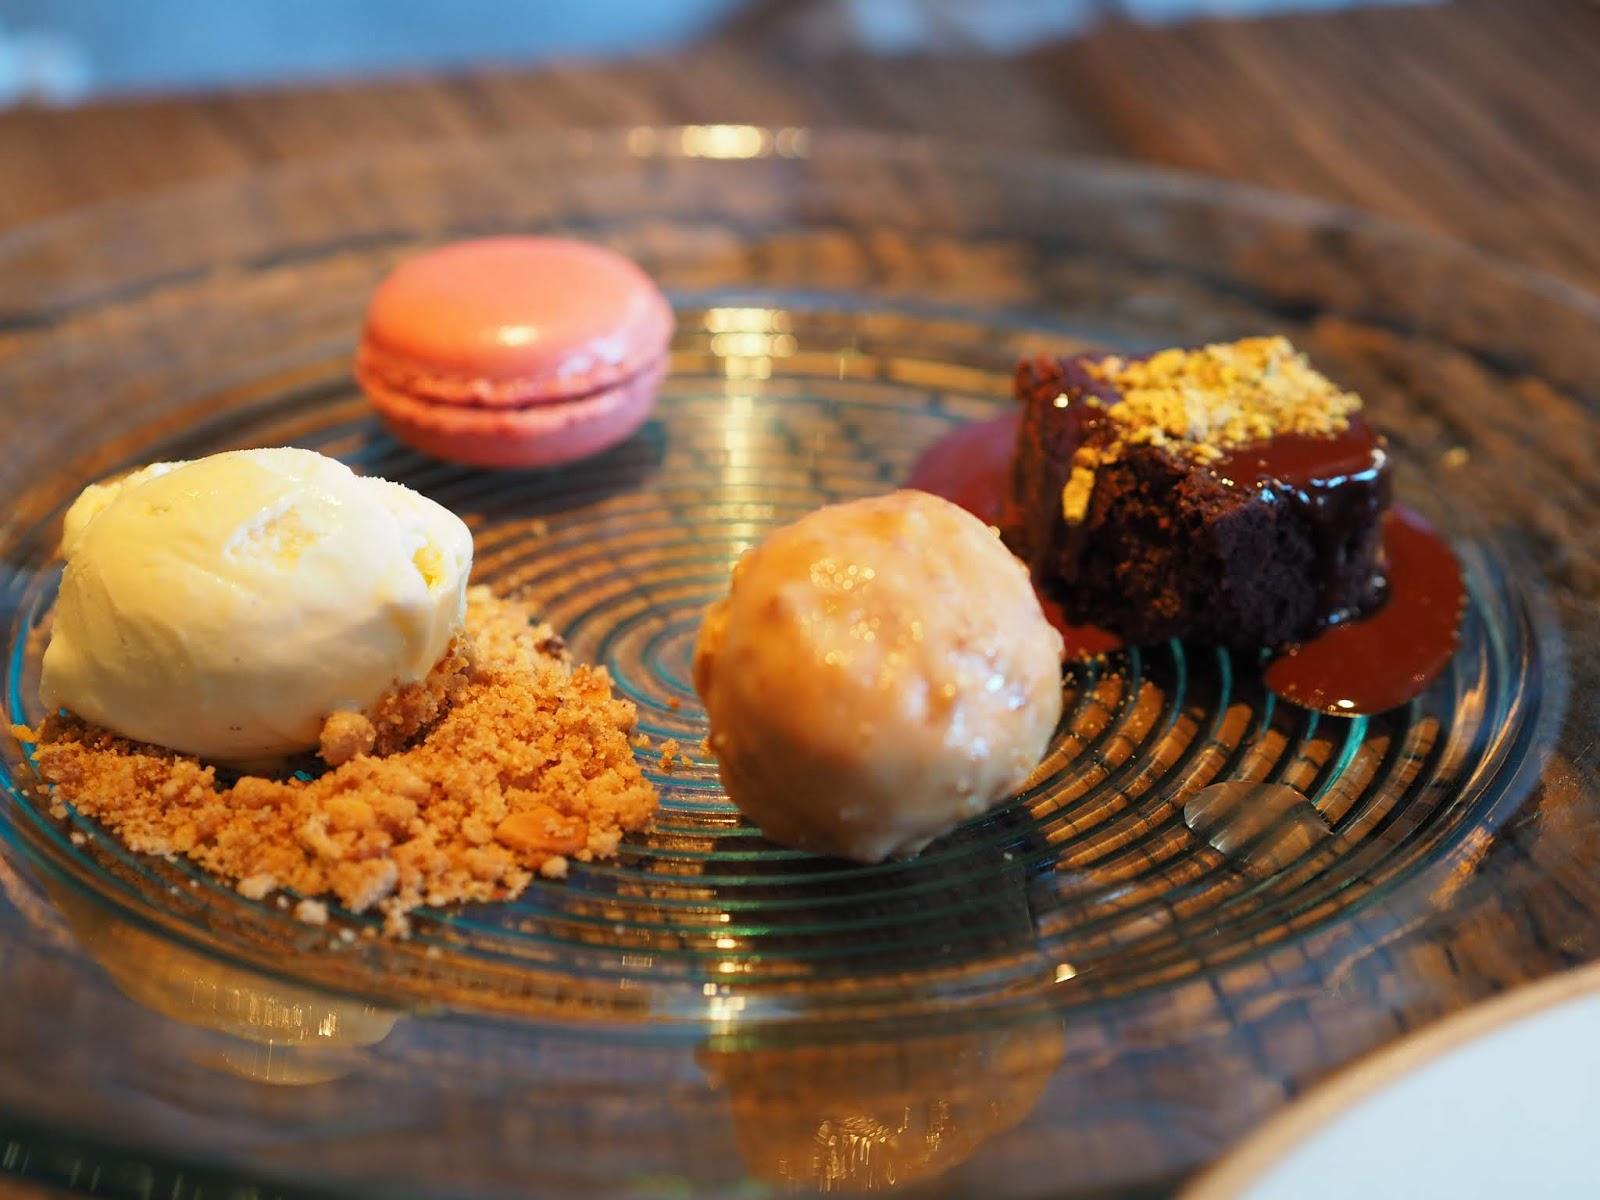 Bistrot Pierre Middlesbrough restaurant review cafe gourmnad dessert